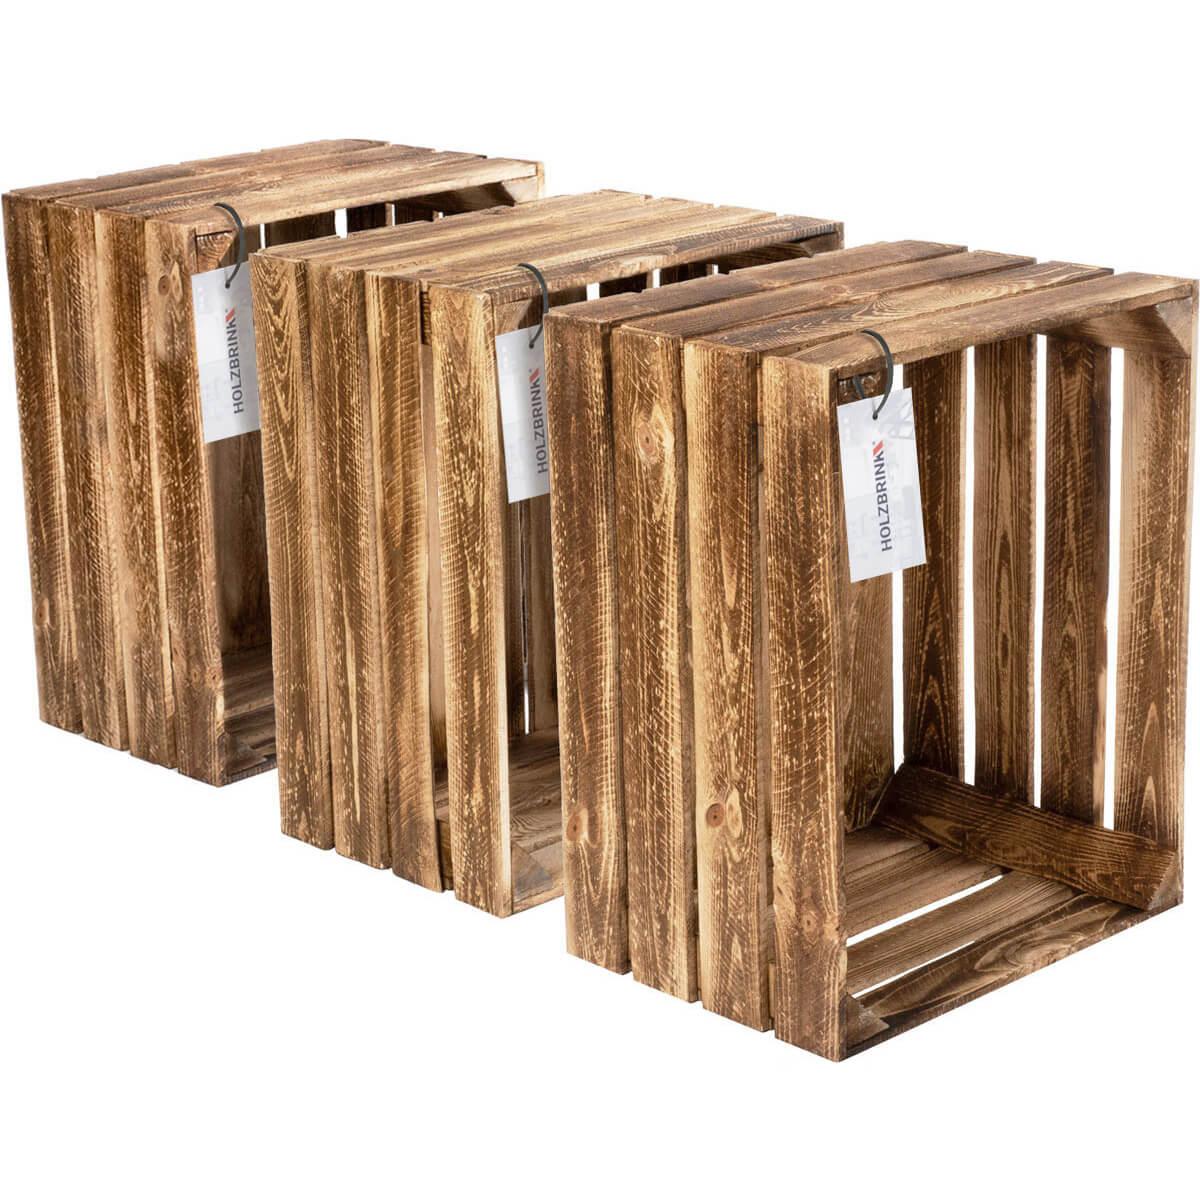 Skrzynki drewniane (nie) tylko na owoce – najpopularniejsze pomysły na aranżacje do domu i ogrodu 12